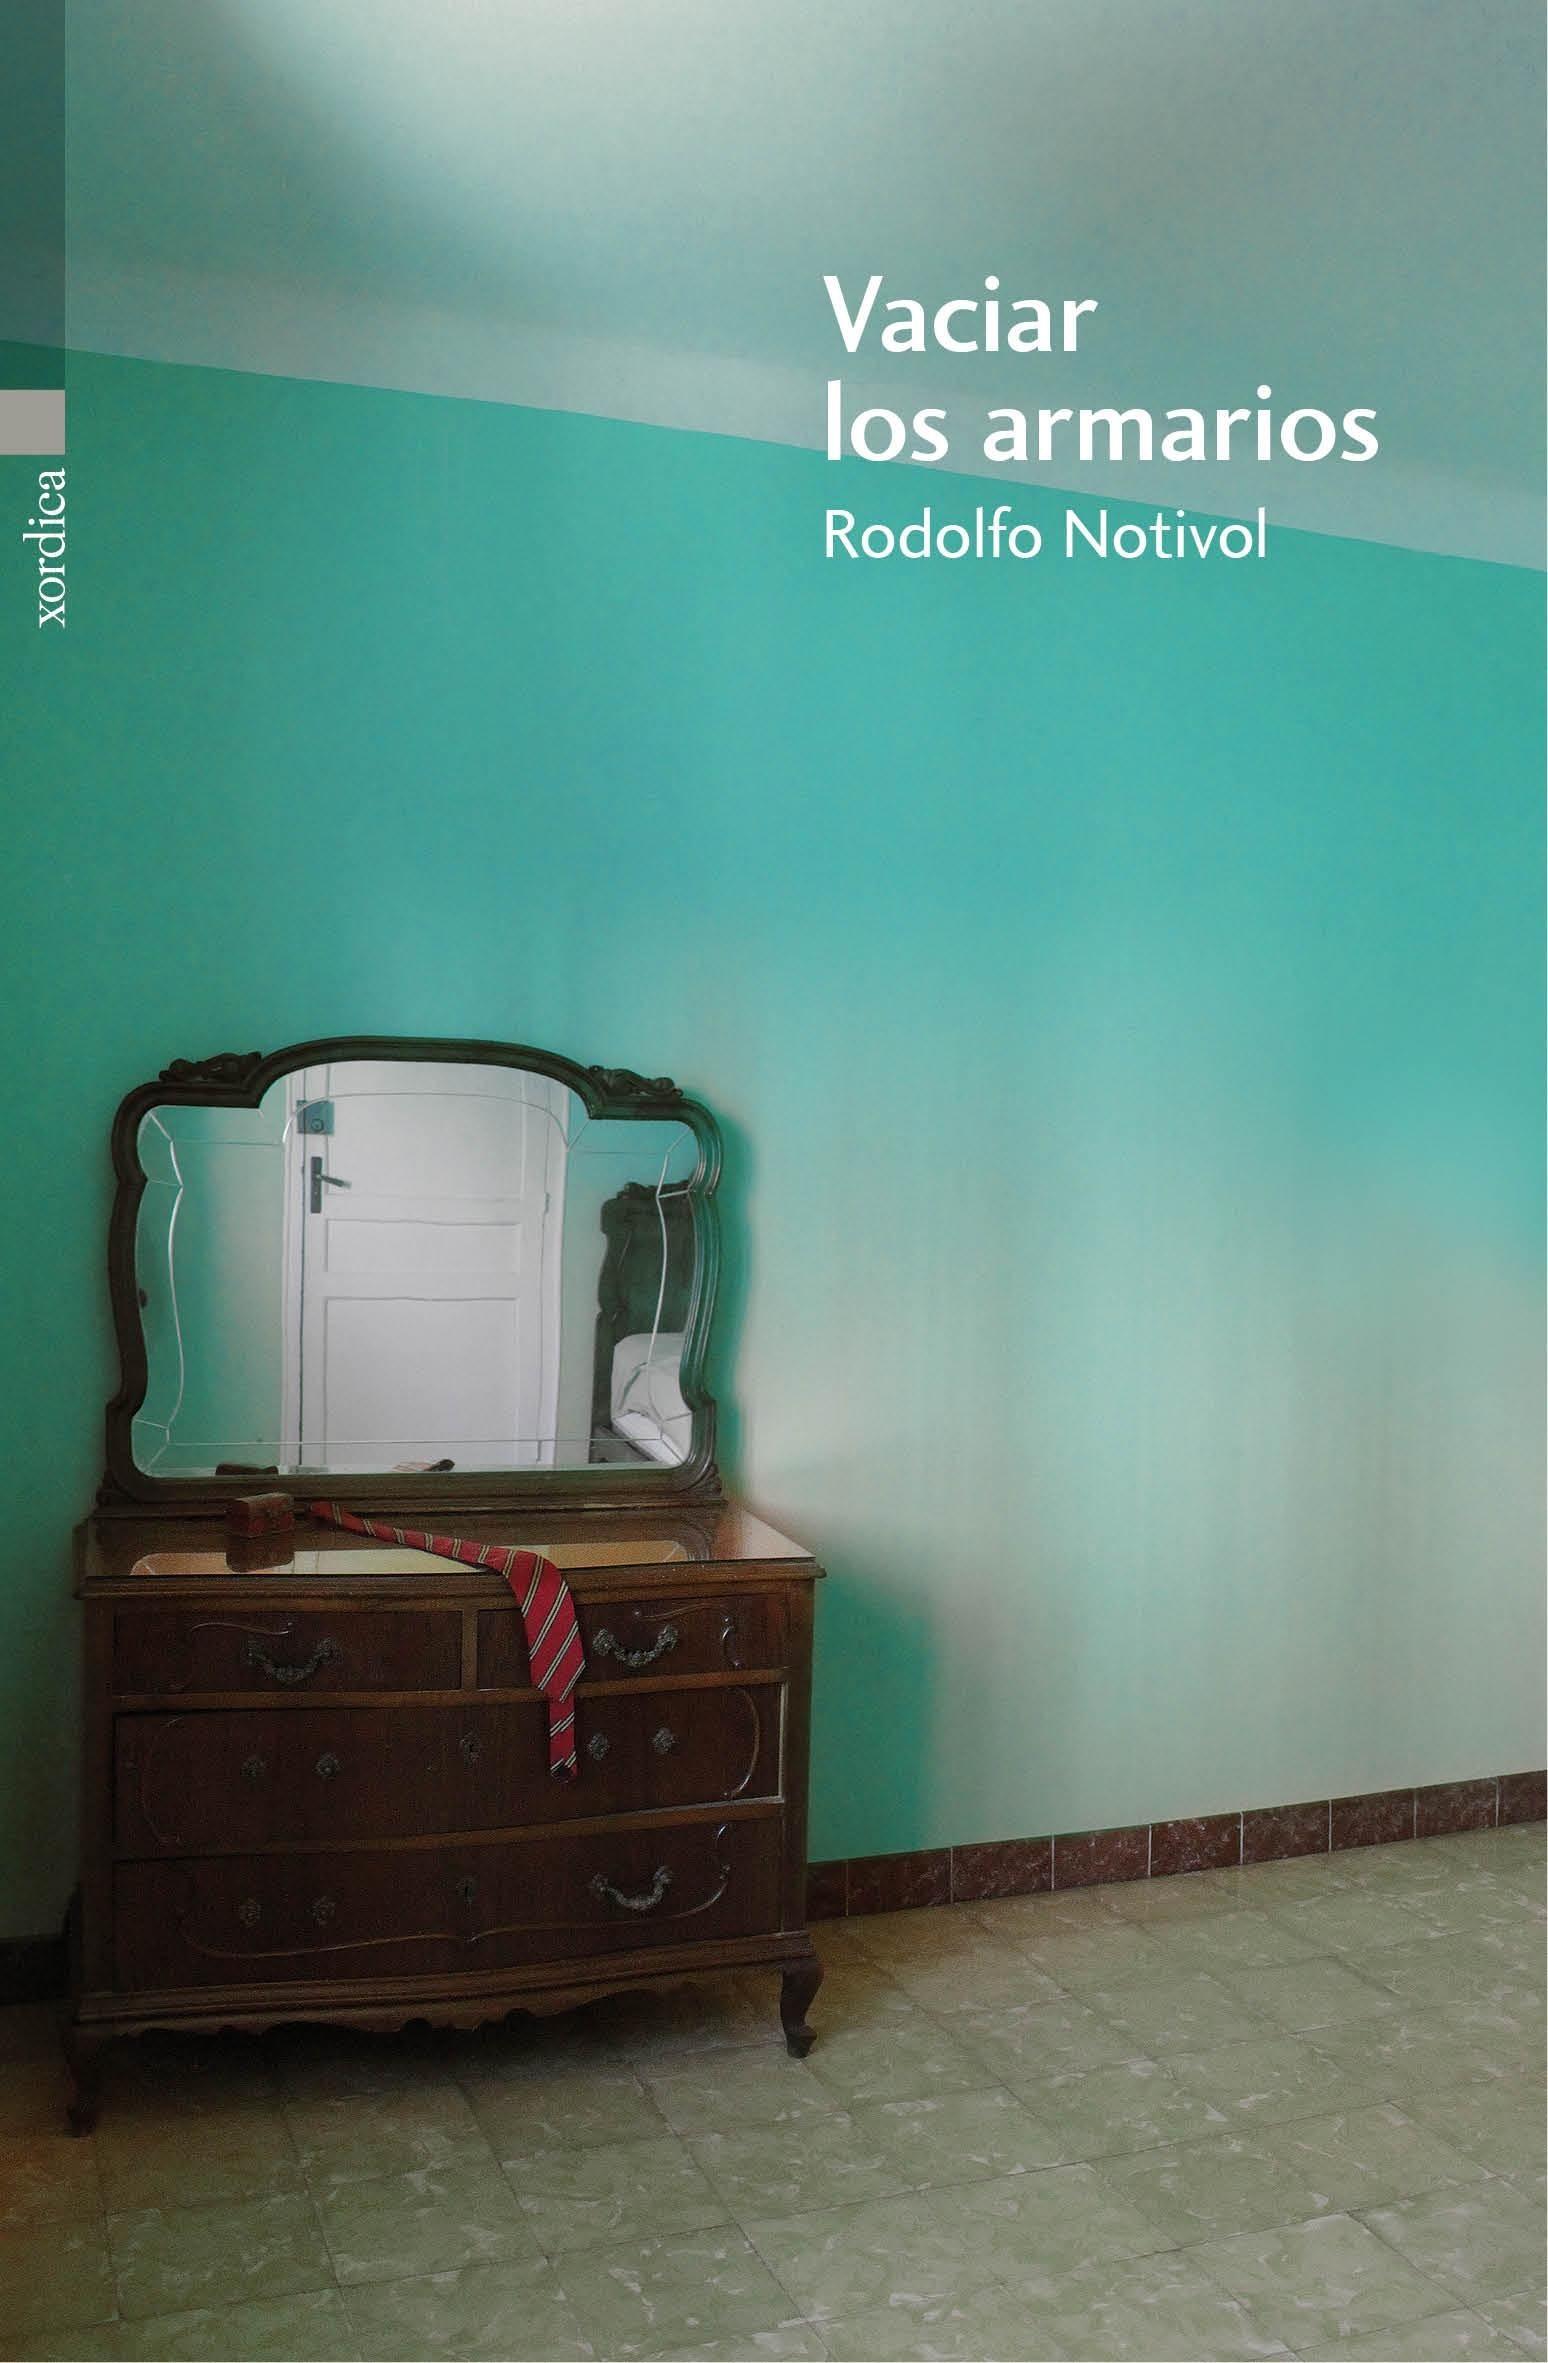 Vaciar los armarios / Rodolfo Notivol. Zaragoza